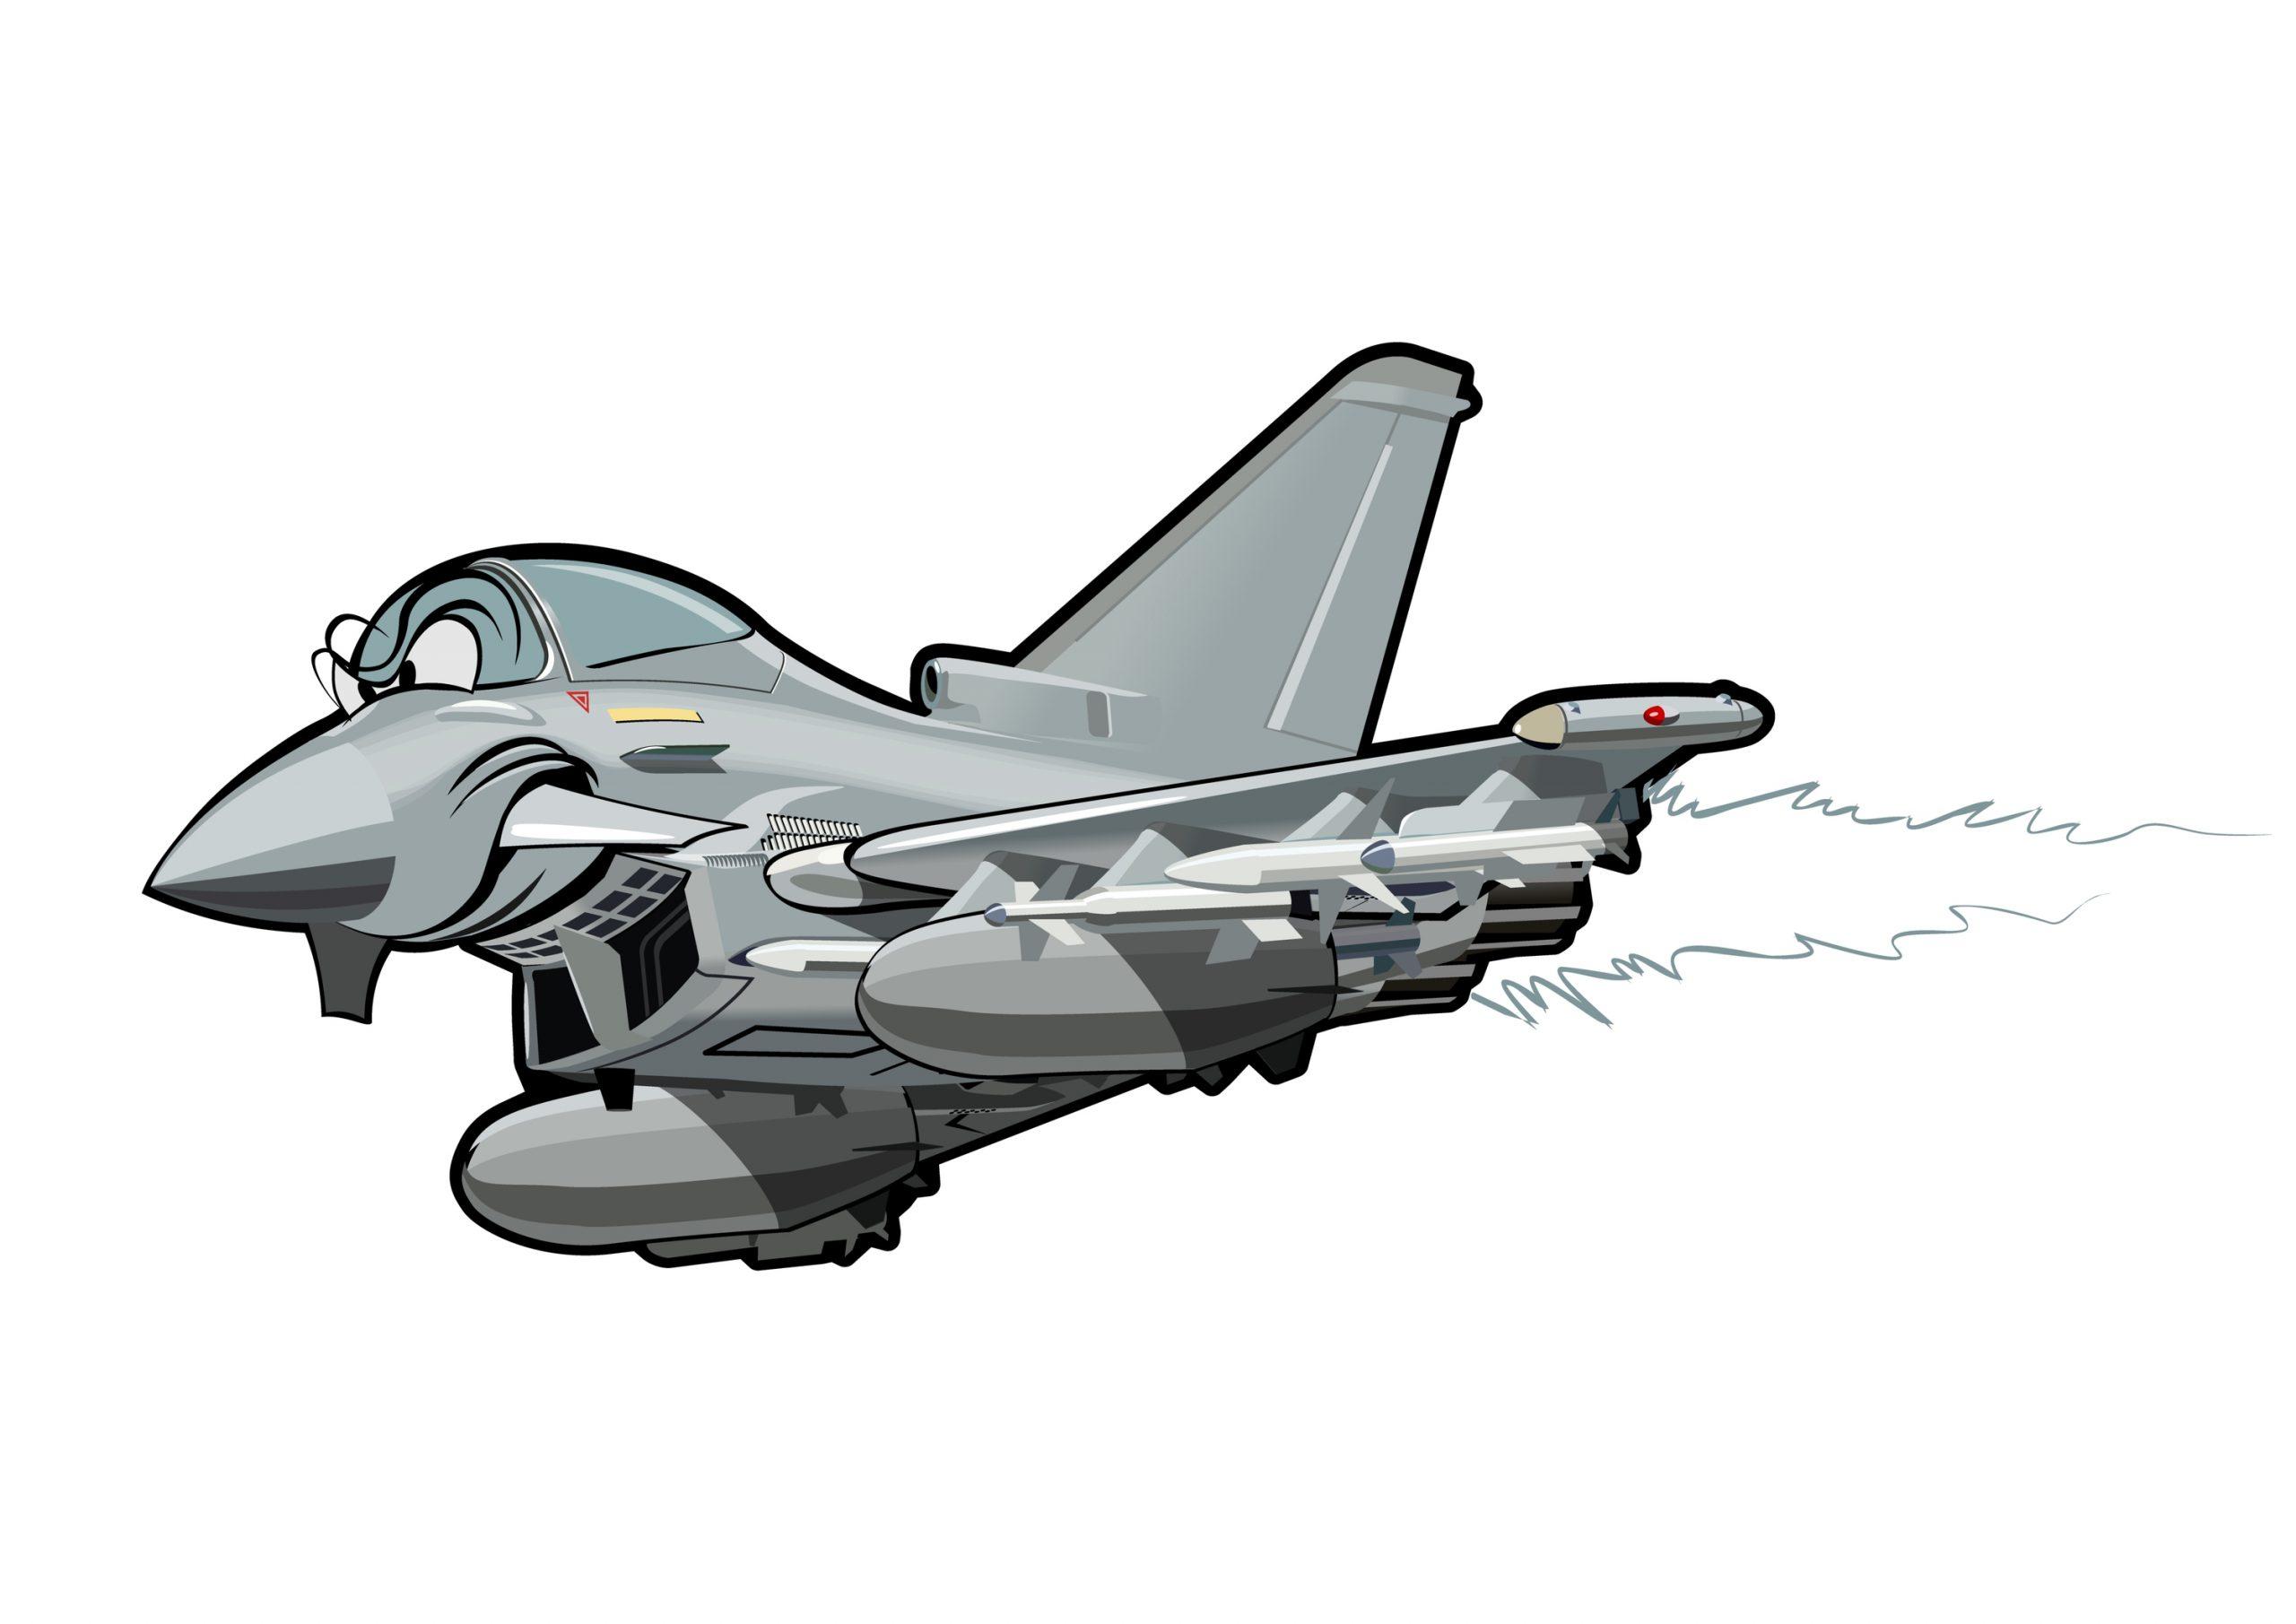 BS_Cartoon fighter_Mechanik_143834561